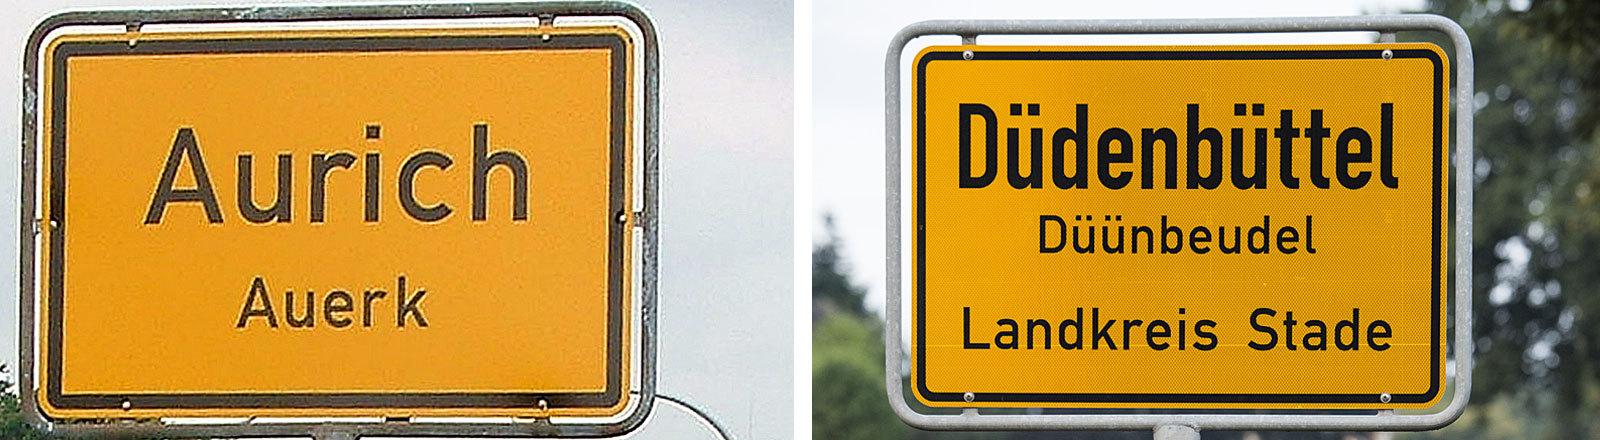 Zweisprachige Ortsschilder von Aurich/Auerk und Düdenbüttel / Düünbeudel